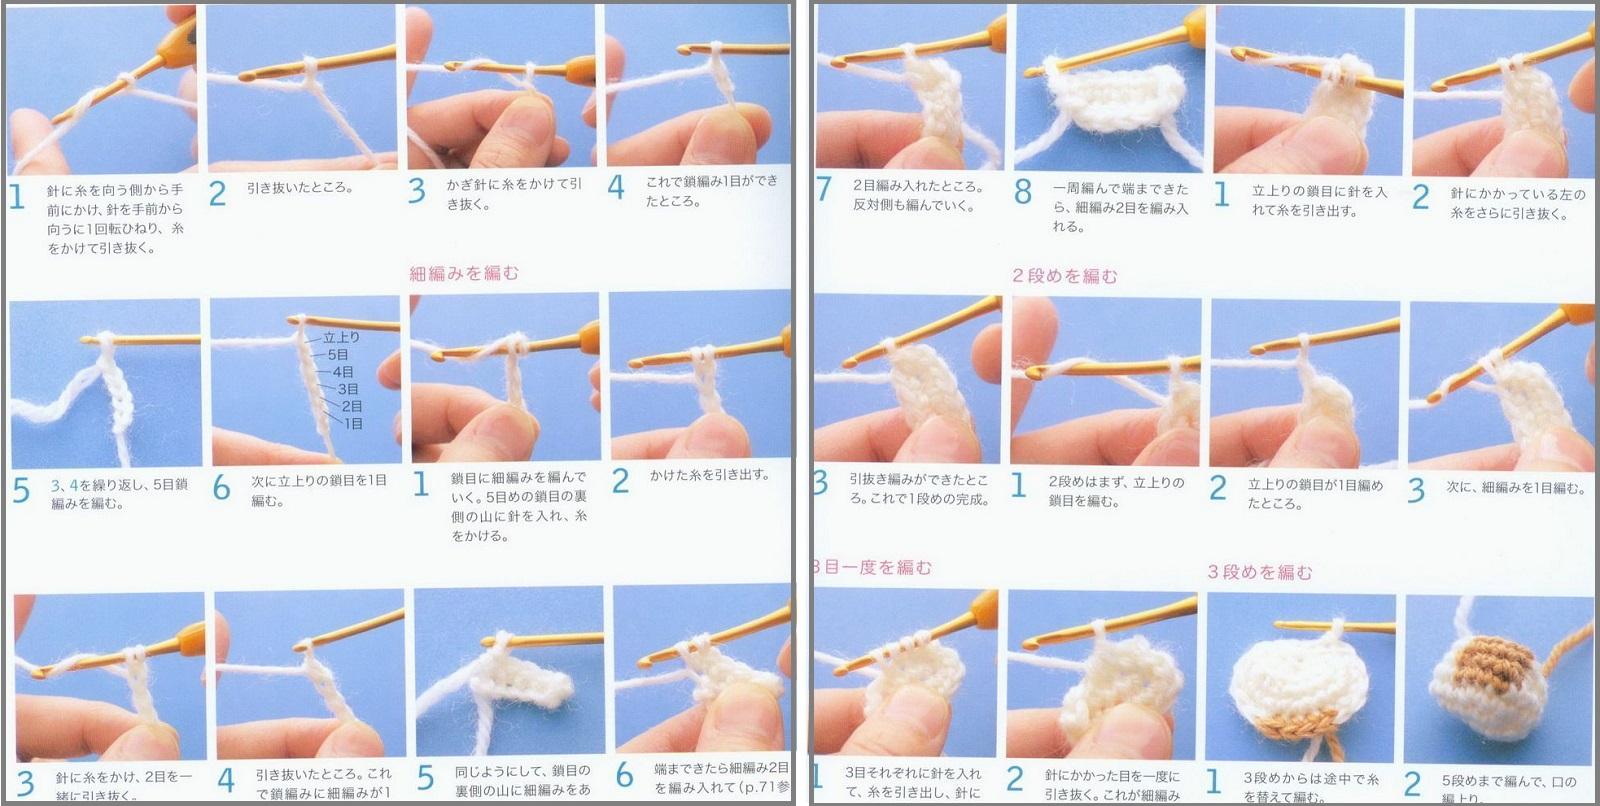 Вязаные спицами игрушки для начинающих, фото, инструкция 35